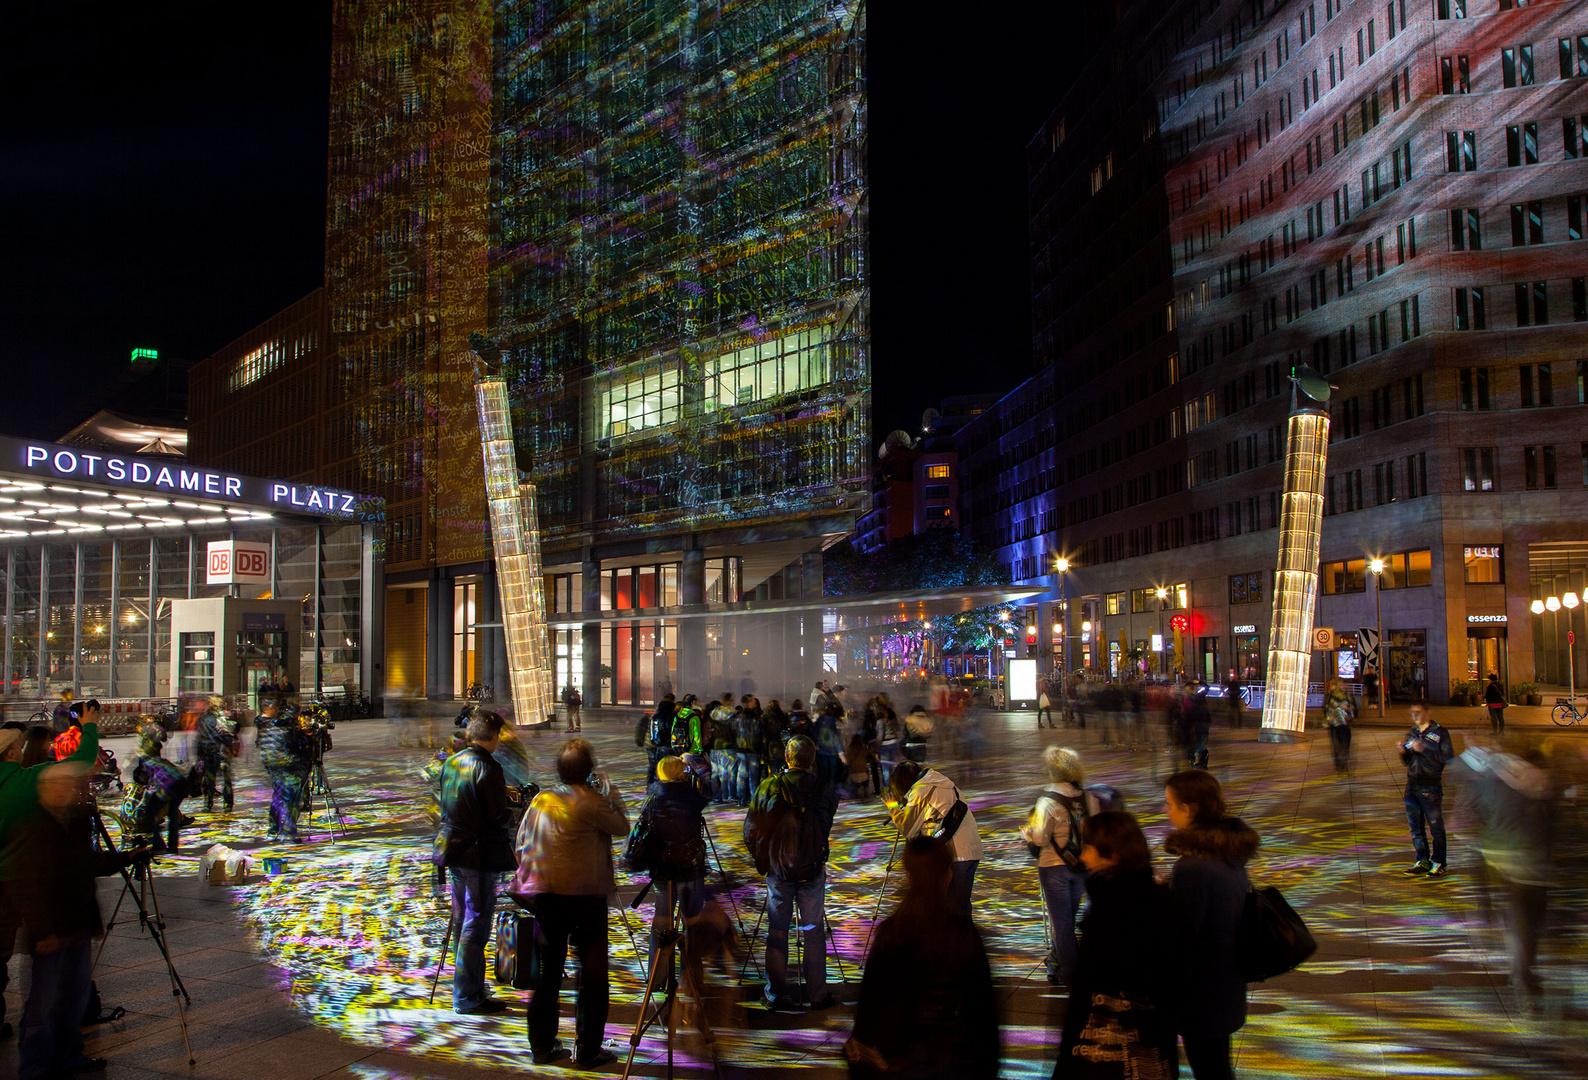 Festival of Lights - Potsdamer Platz